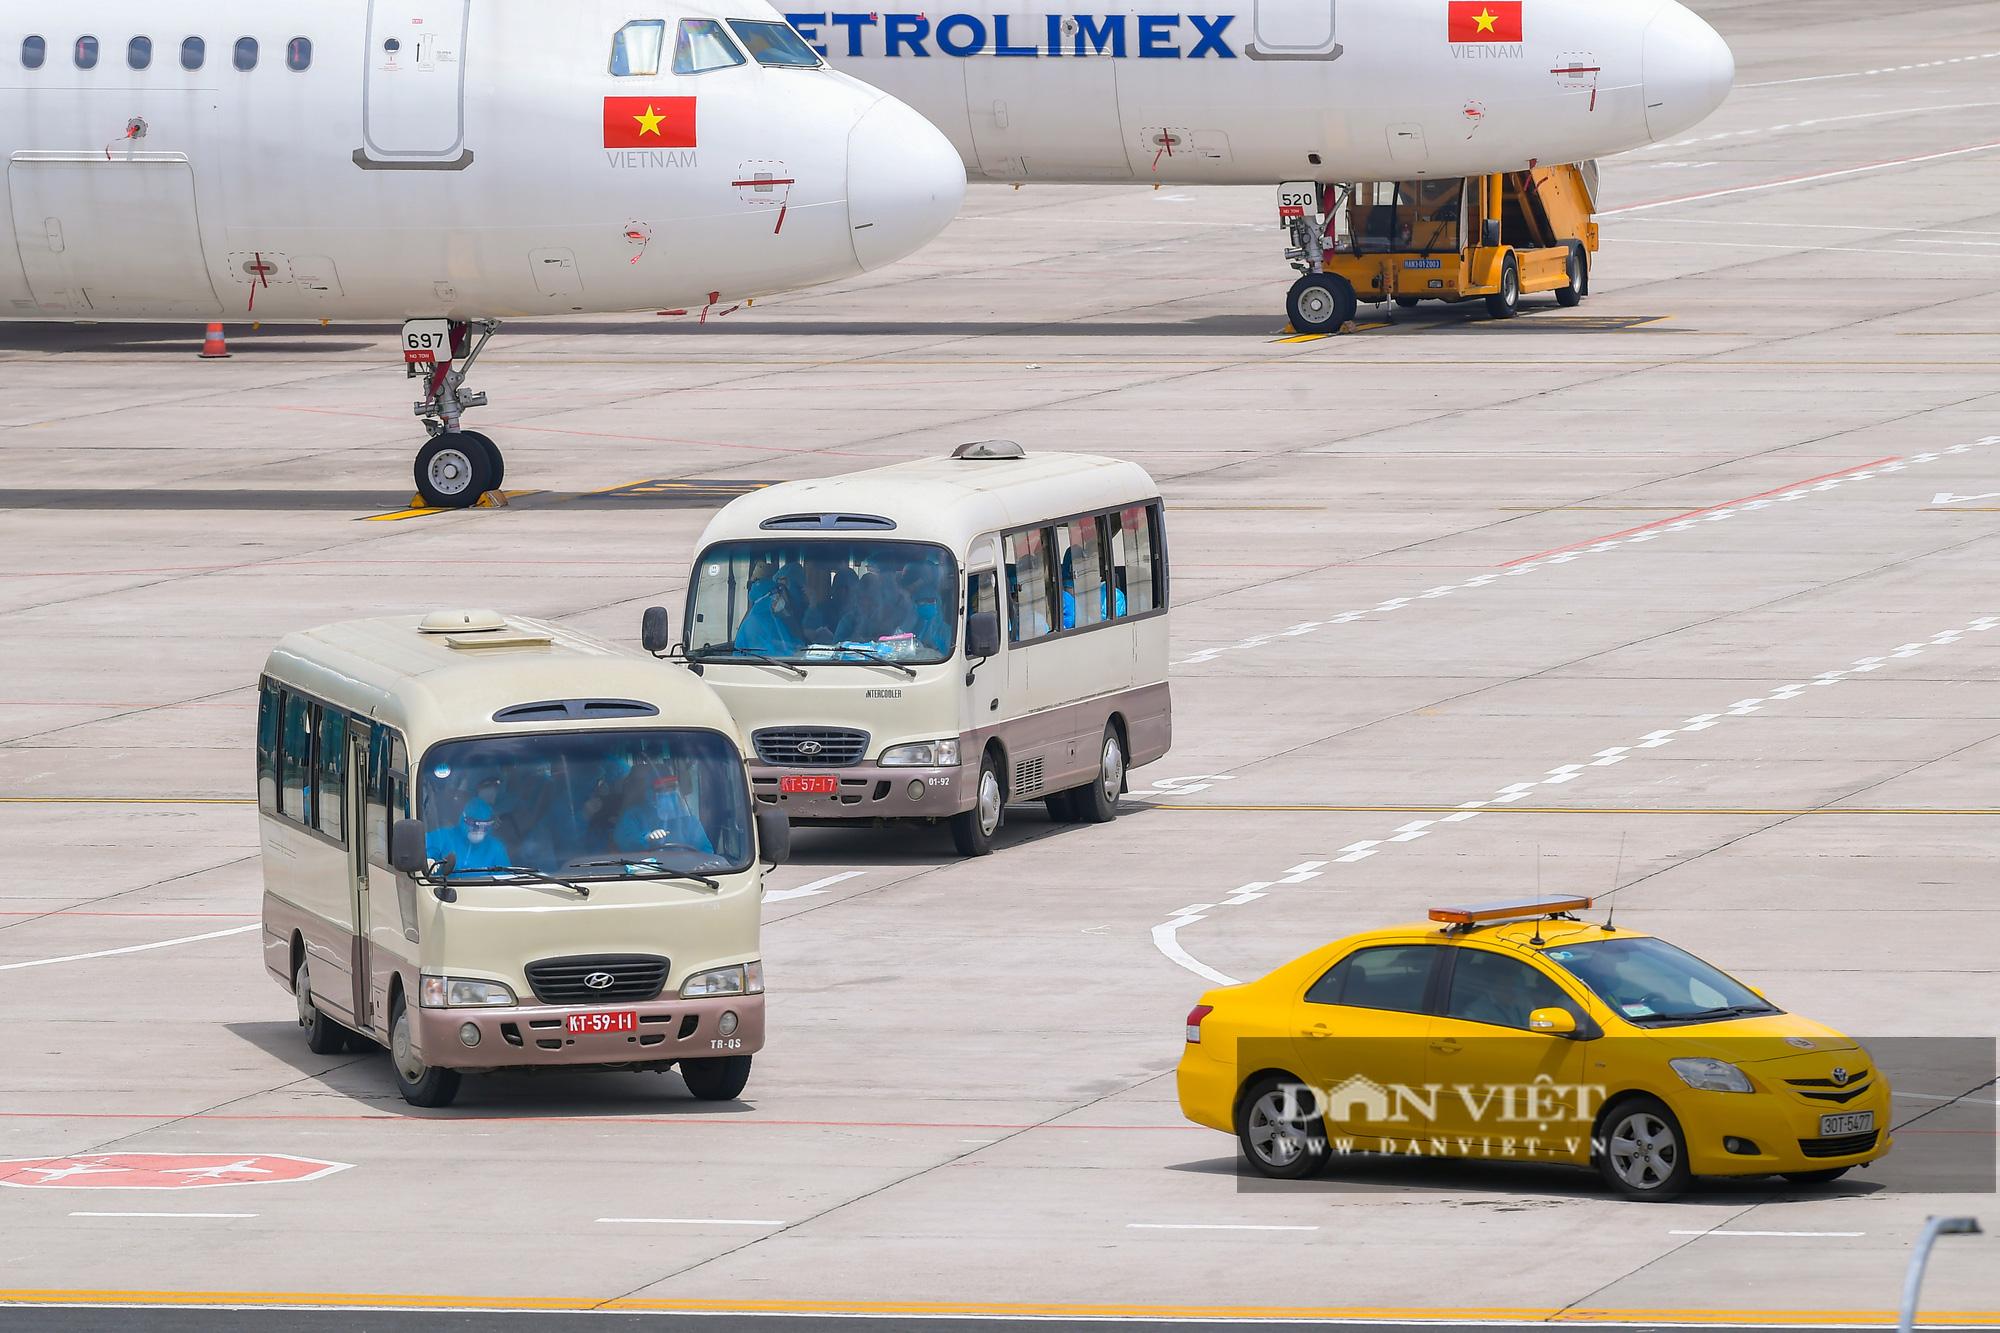 Chuyến bay đặc biệt đưa 207 người mắc kẹt ở Đà Nẵng về Hà Nội - Ảnh 9.